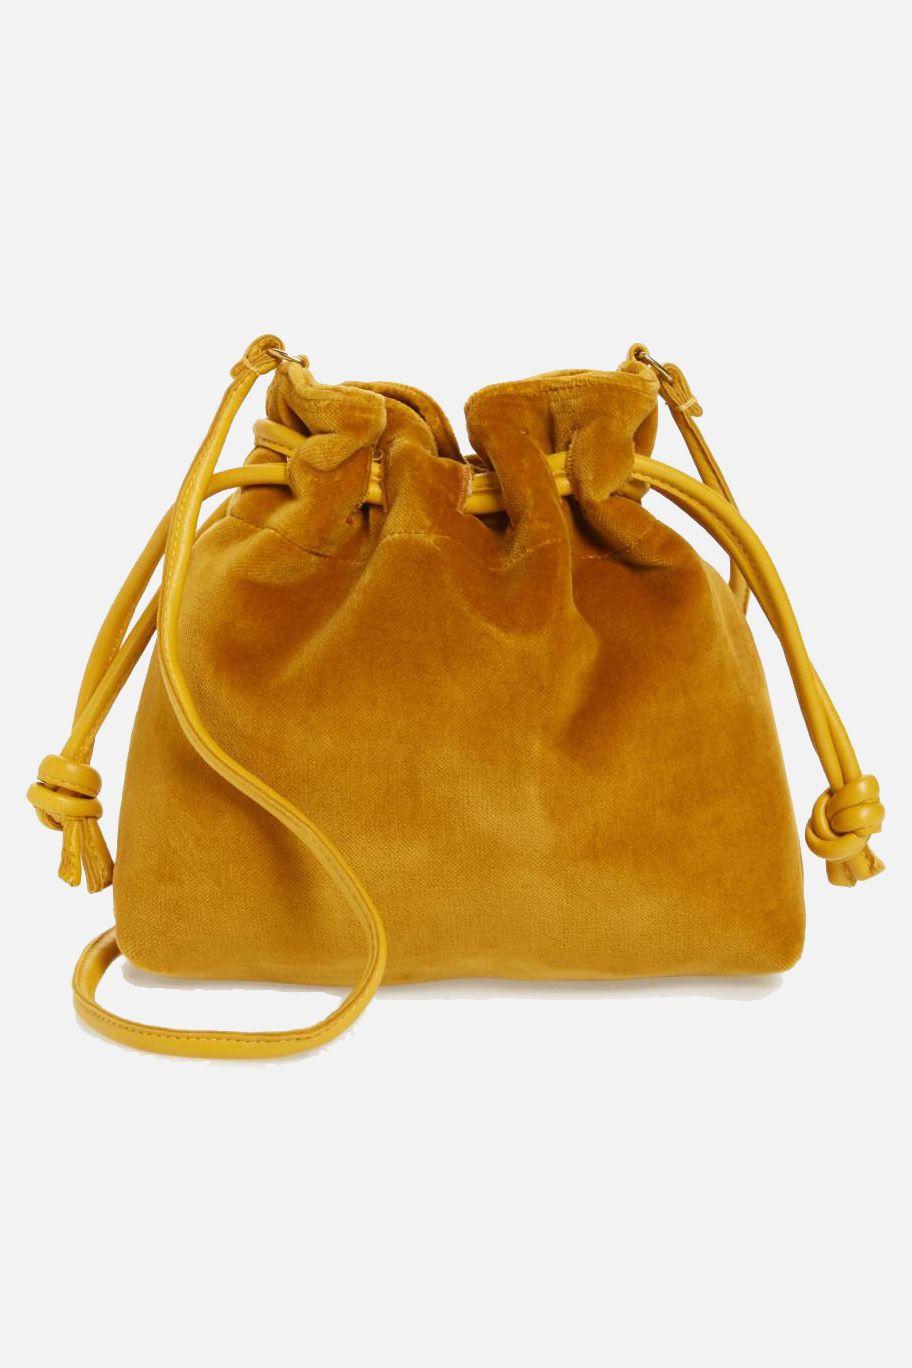 Clare V. Petite Henri Velvet Bucket Bag, $245